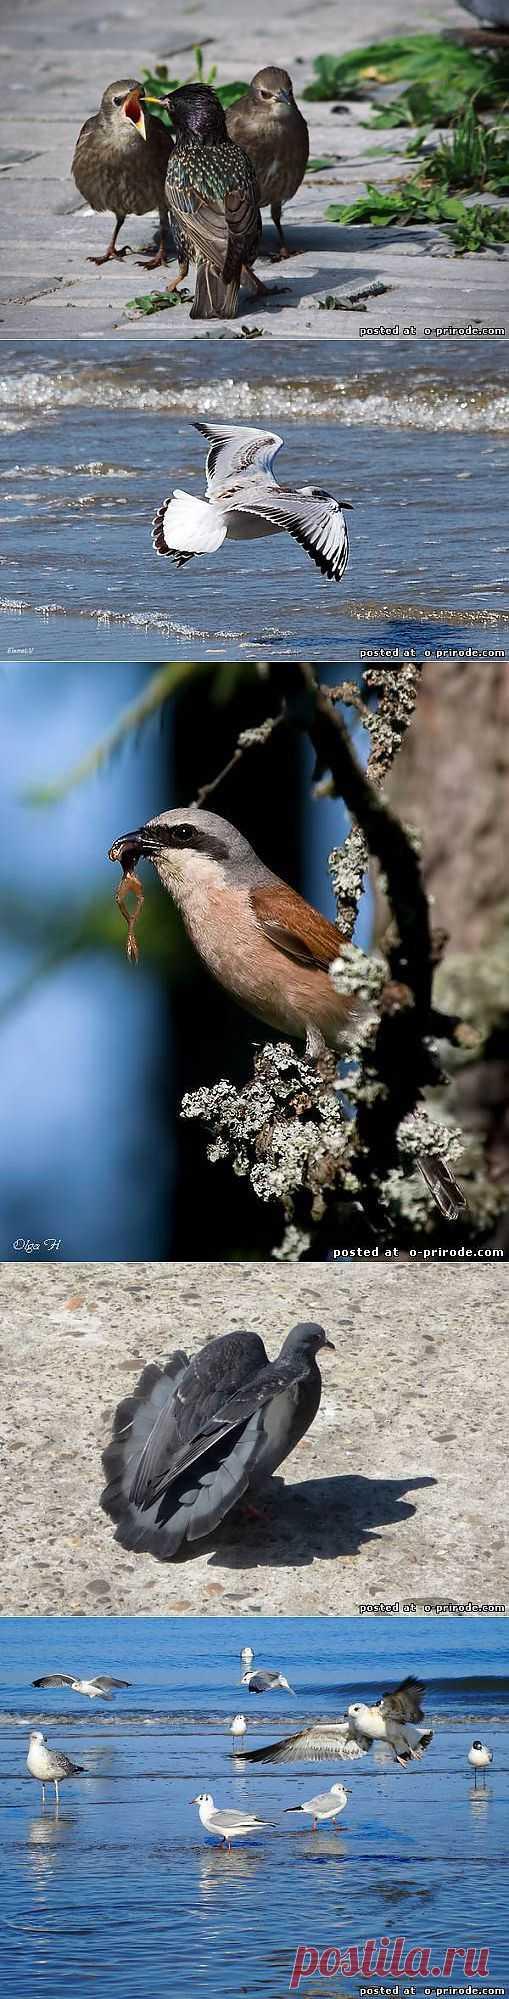 Итоги конкурса Крылатая природа - Фото мир природы